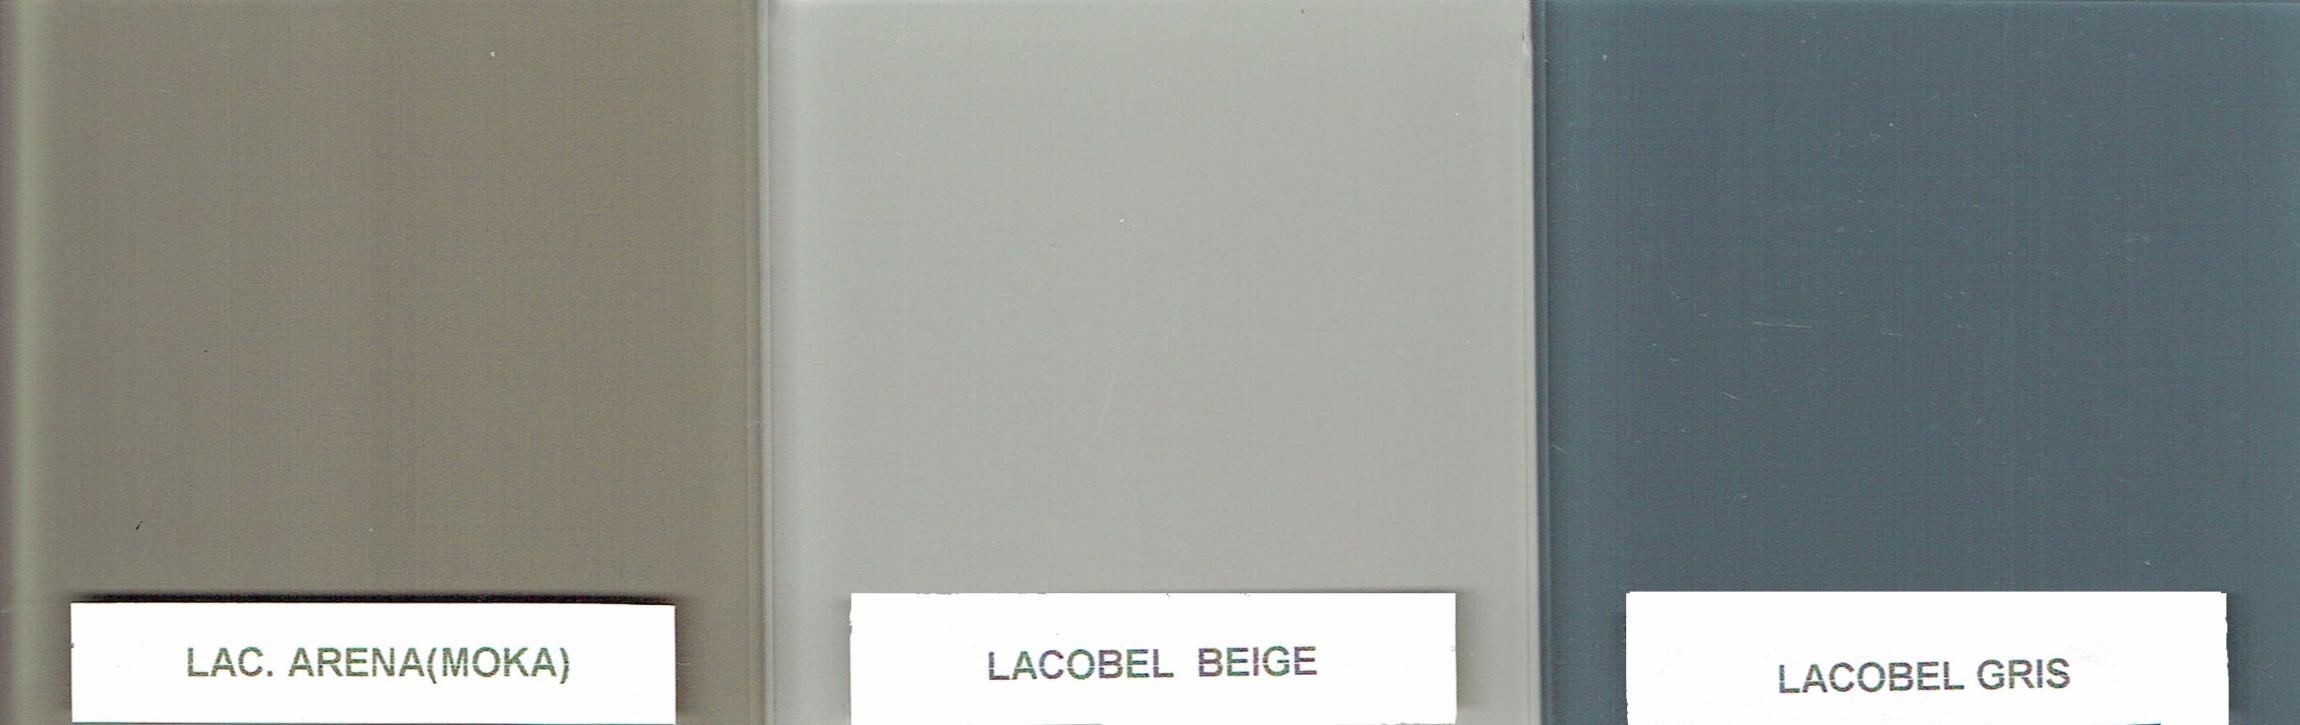 Imagen 2 Acabados lacobel